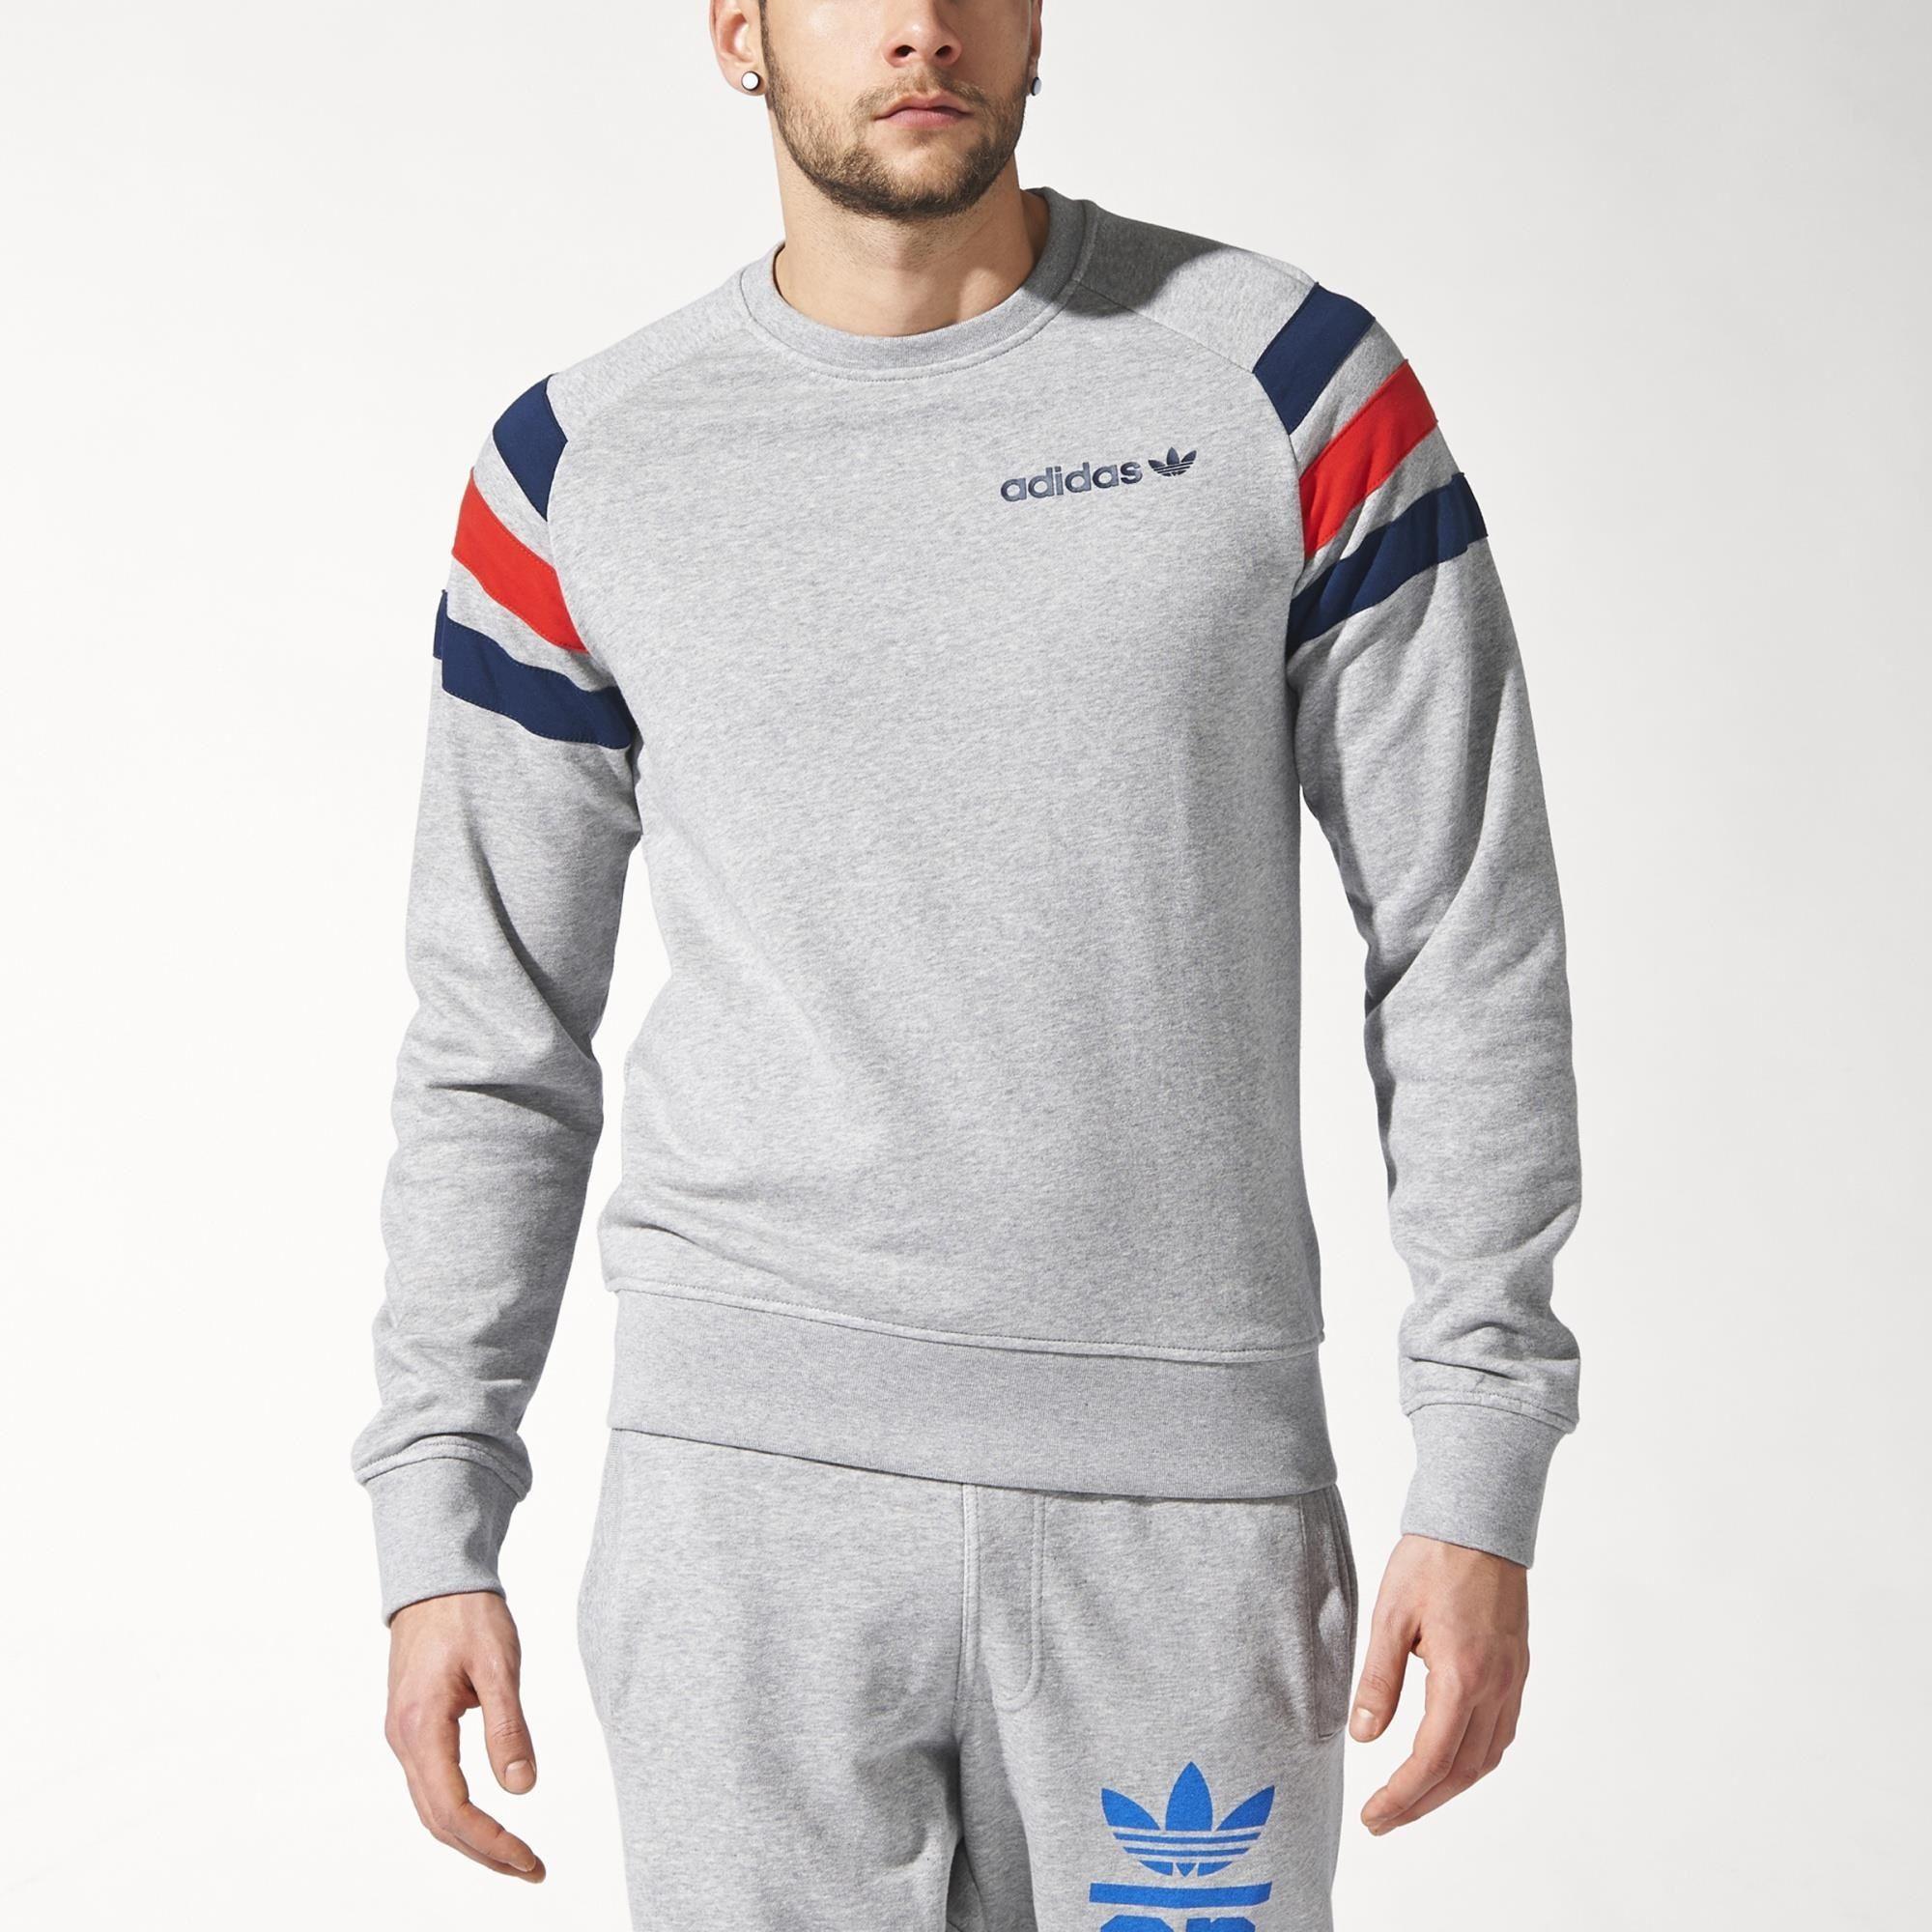 Adidas Fitted French Terry Sweatshirt Grau Adidas Deutschland Sweatshirt Cooler Look Manner [ 2000 x 2000 Pixel ]